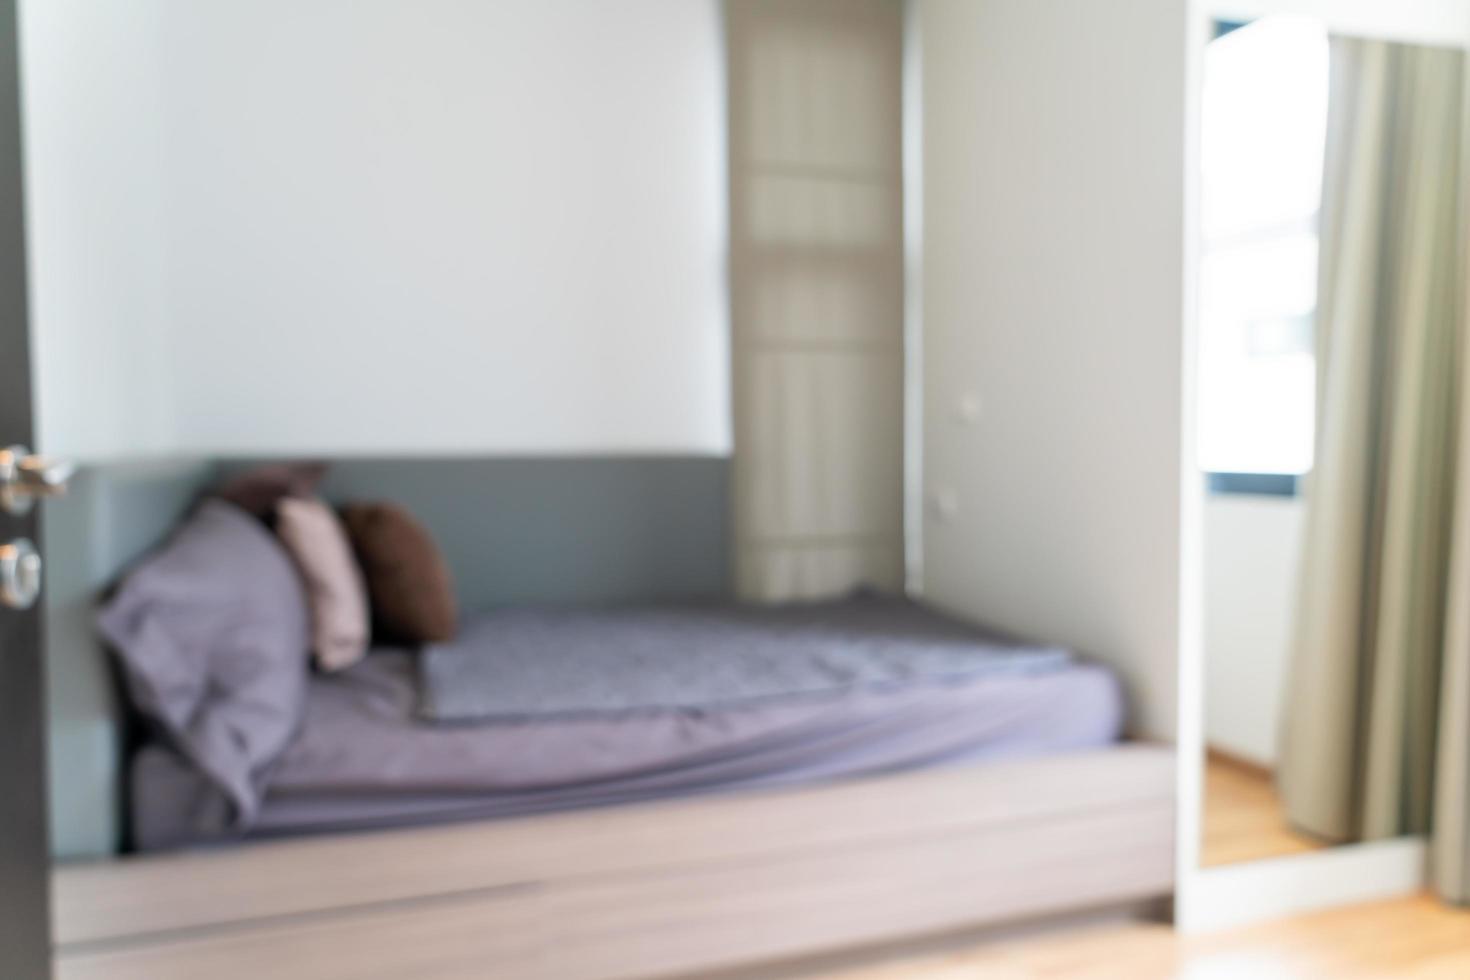 flou abstrait intérieur de la chambre pour le fond photo